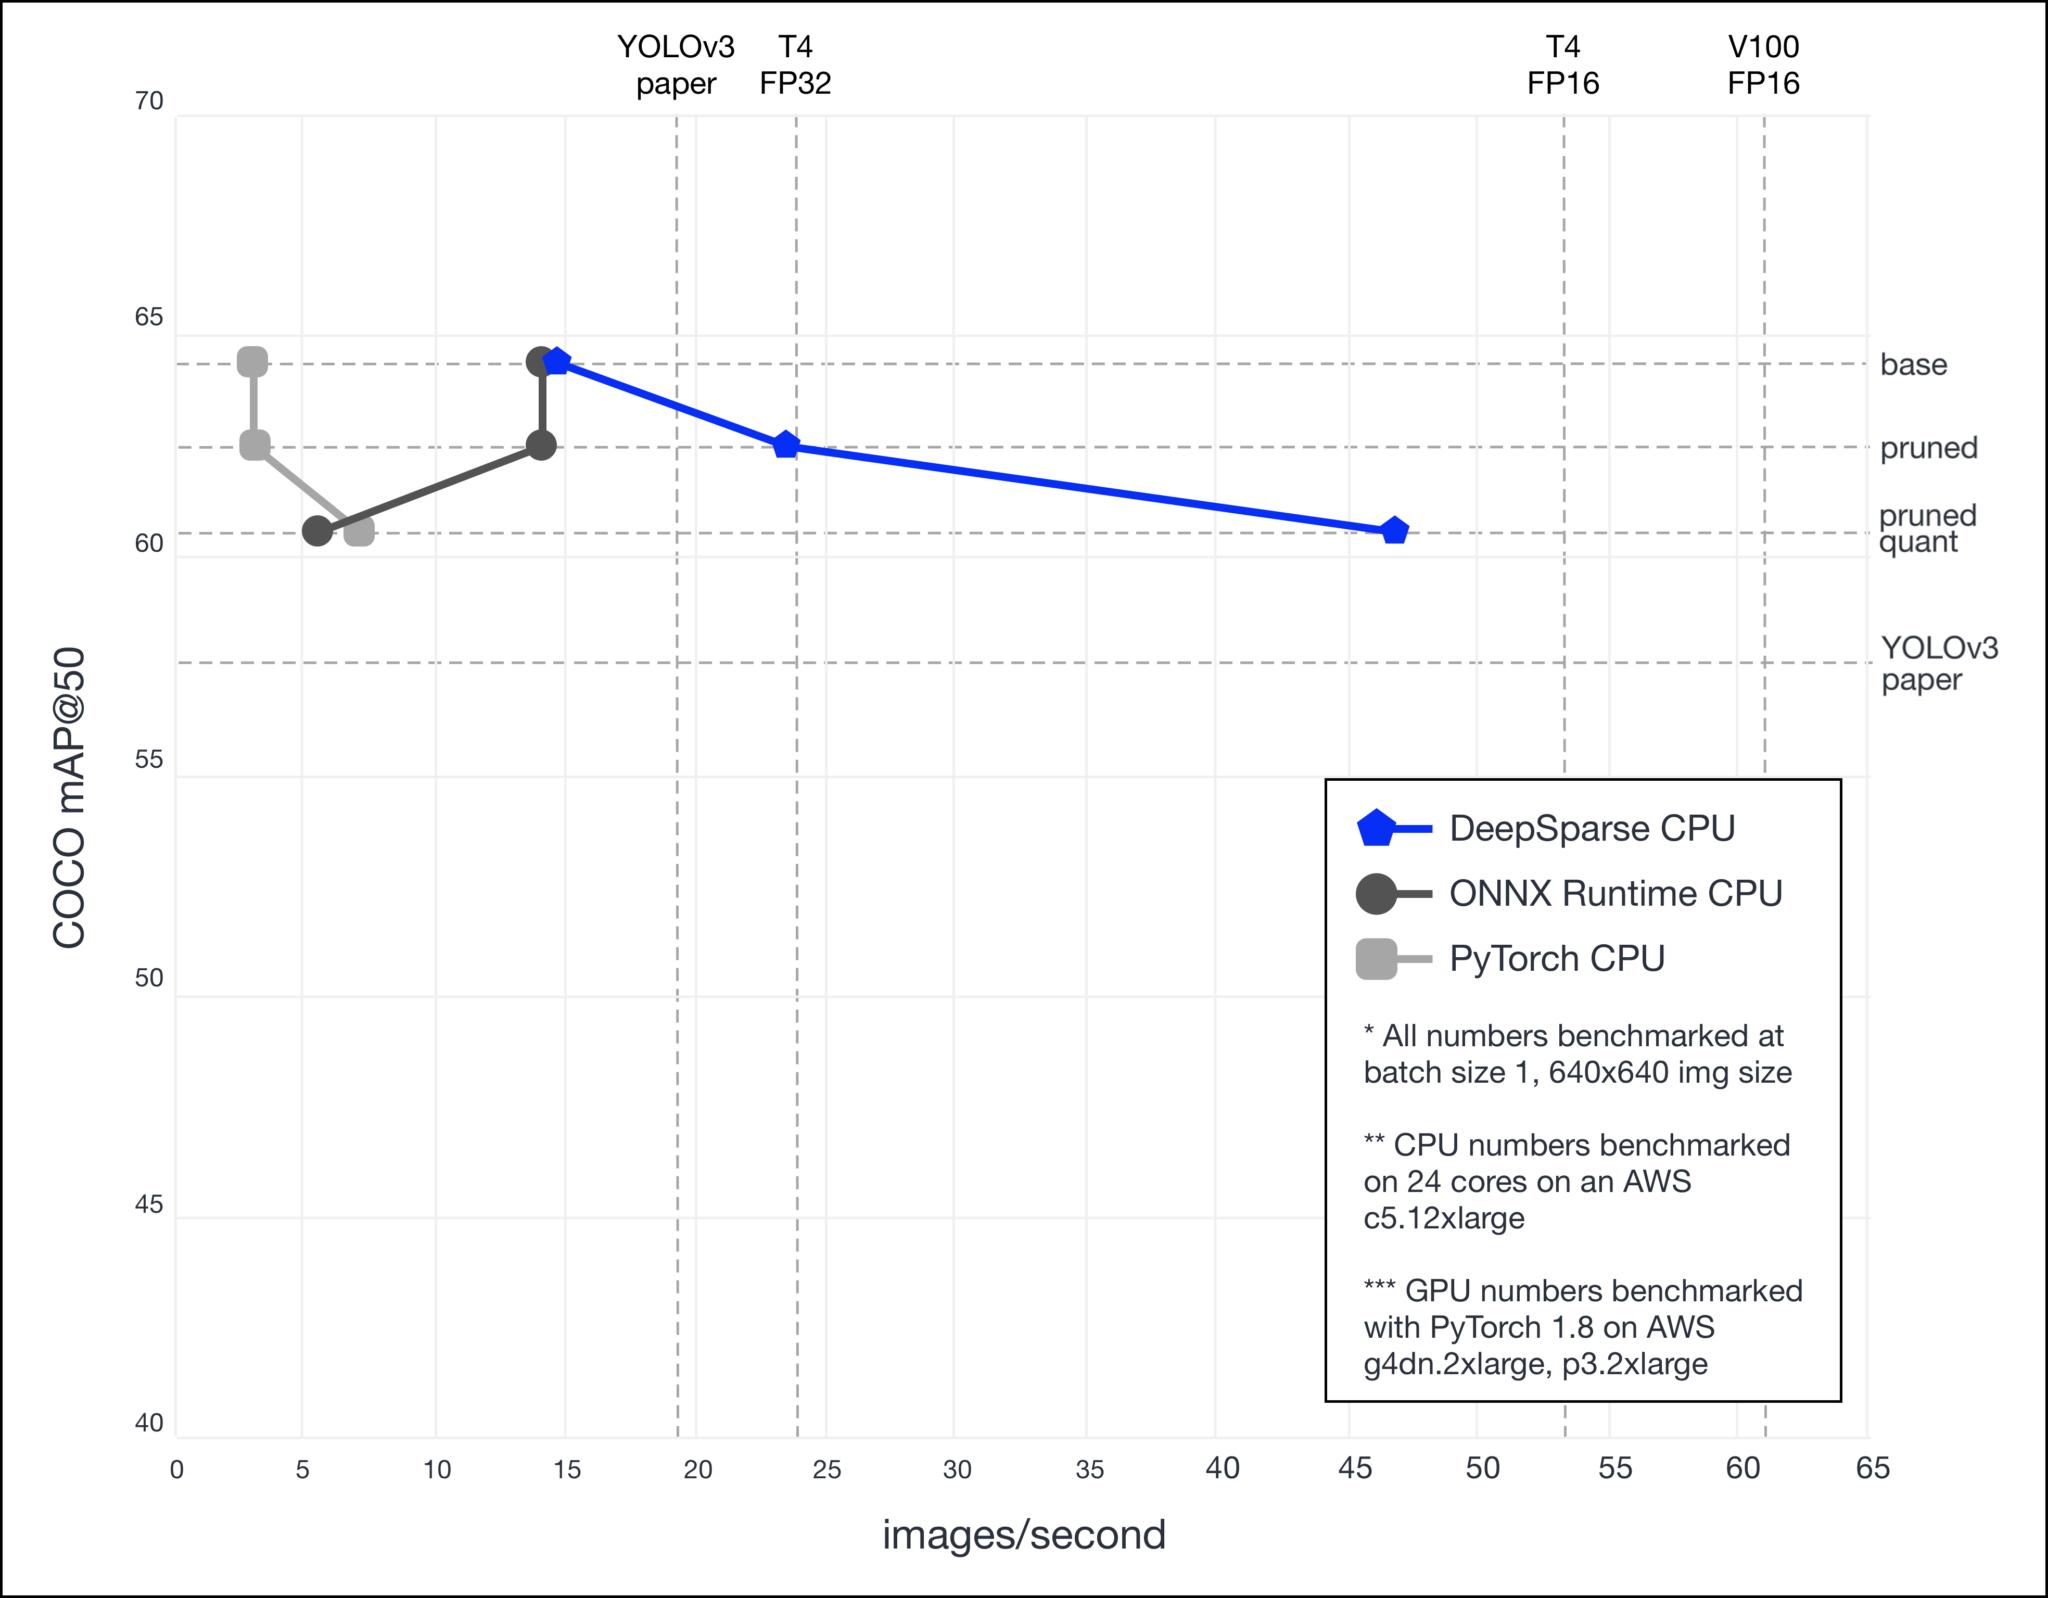 YOLOv3 Batch Size 1 Performance Comparisons